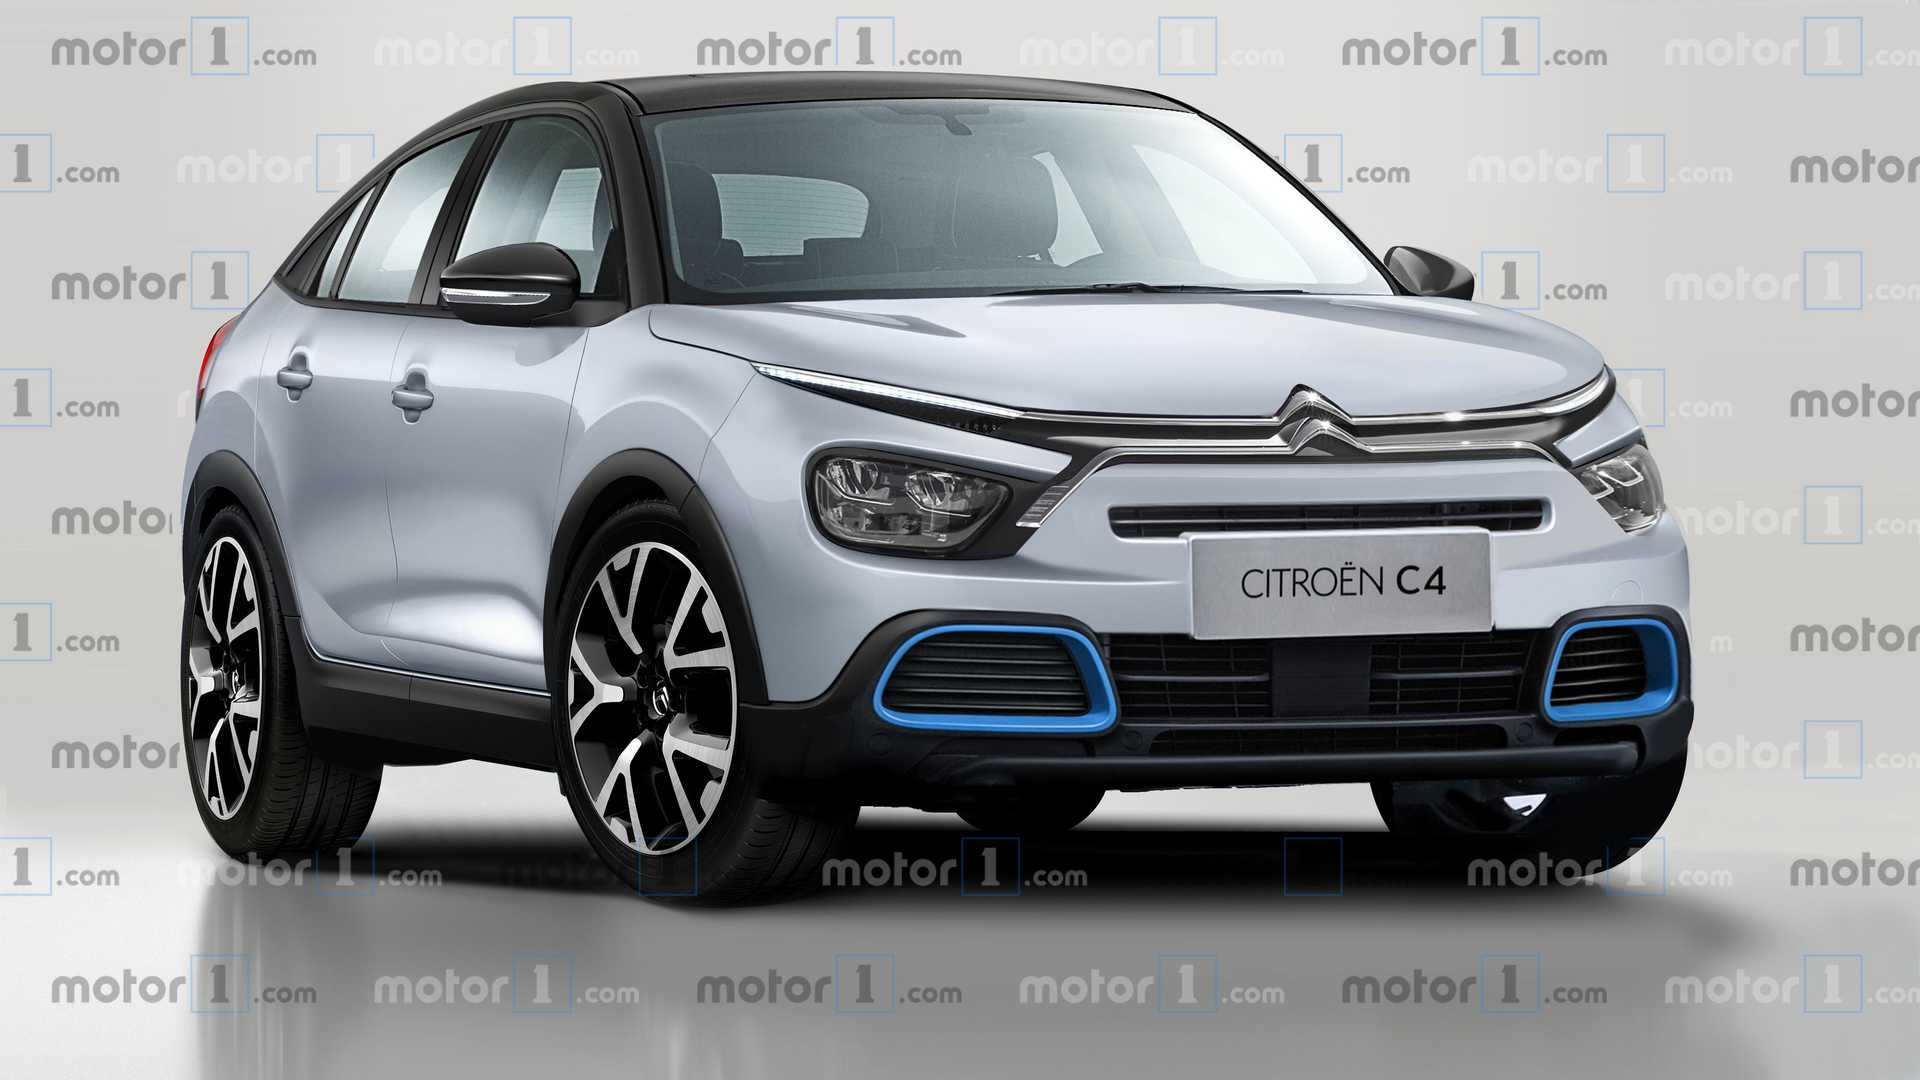 Citroen C4 2020 rendering - Motor1